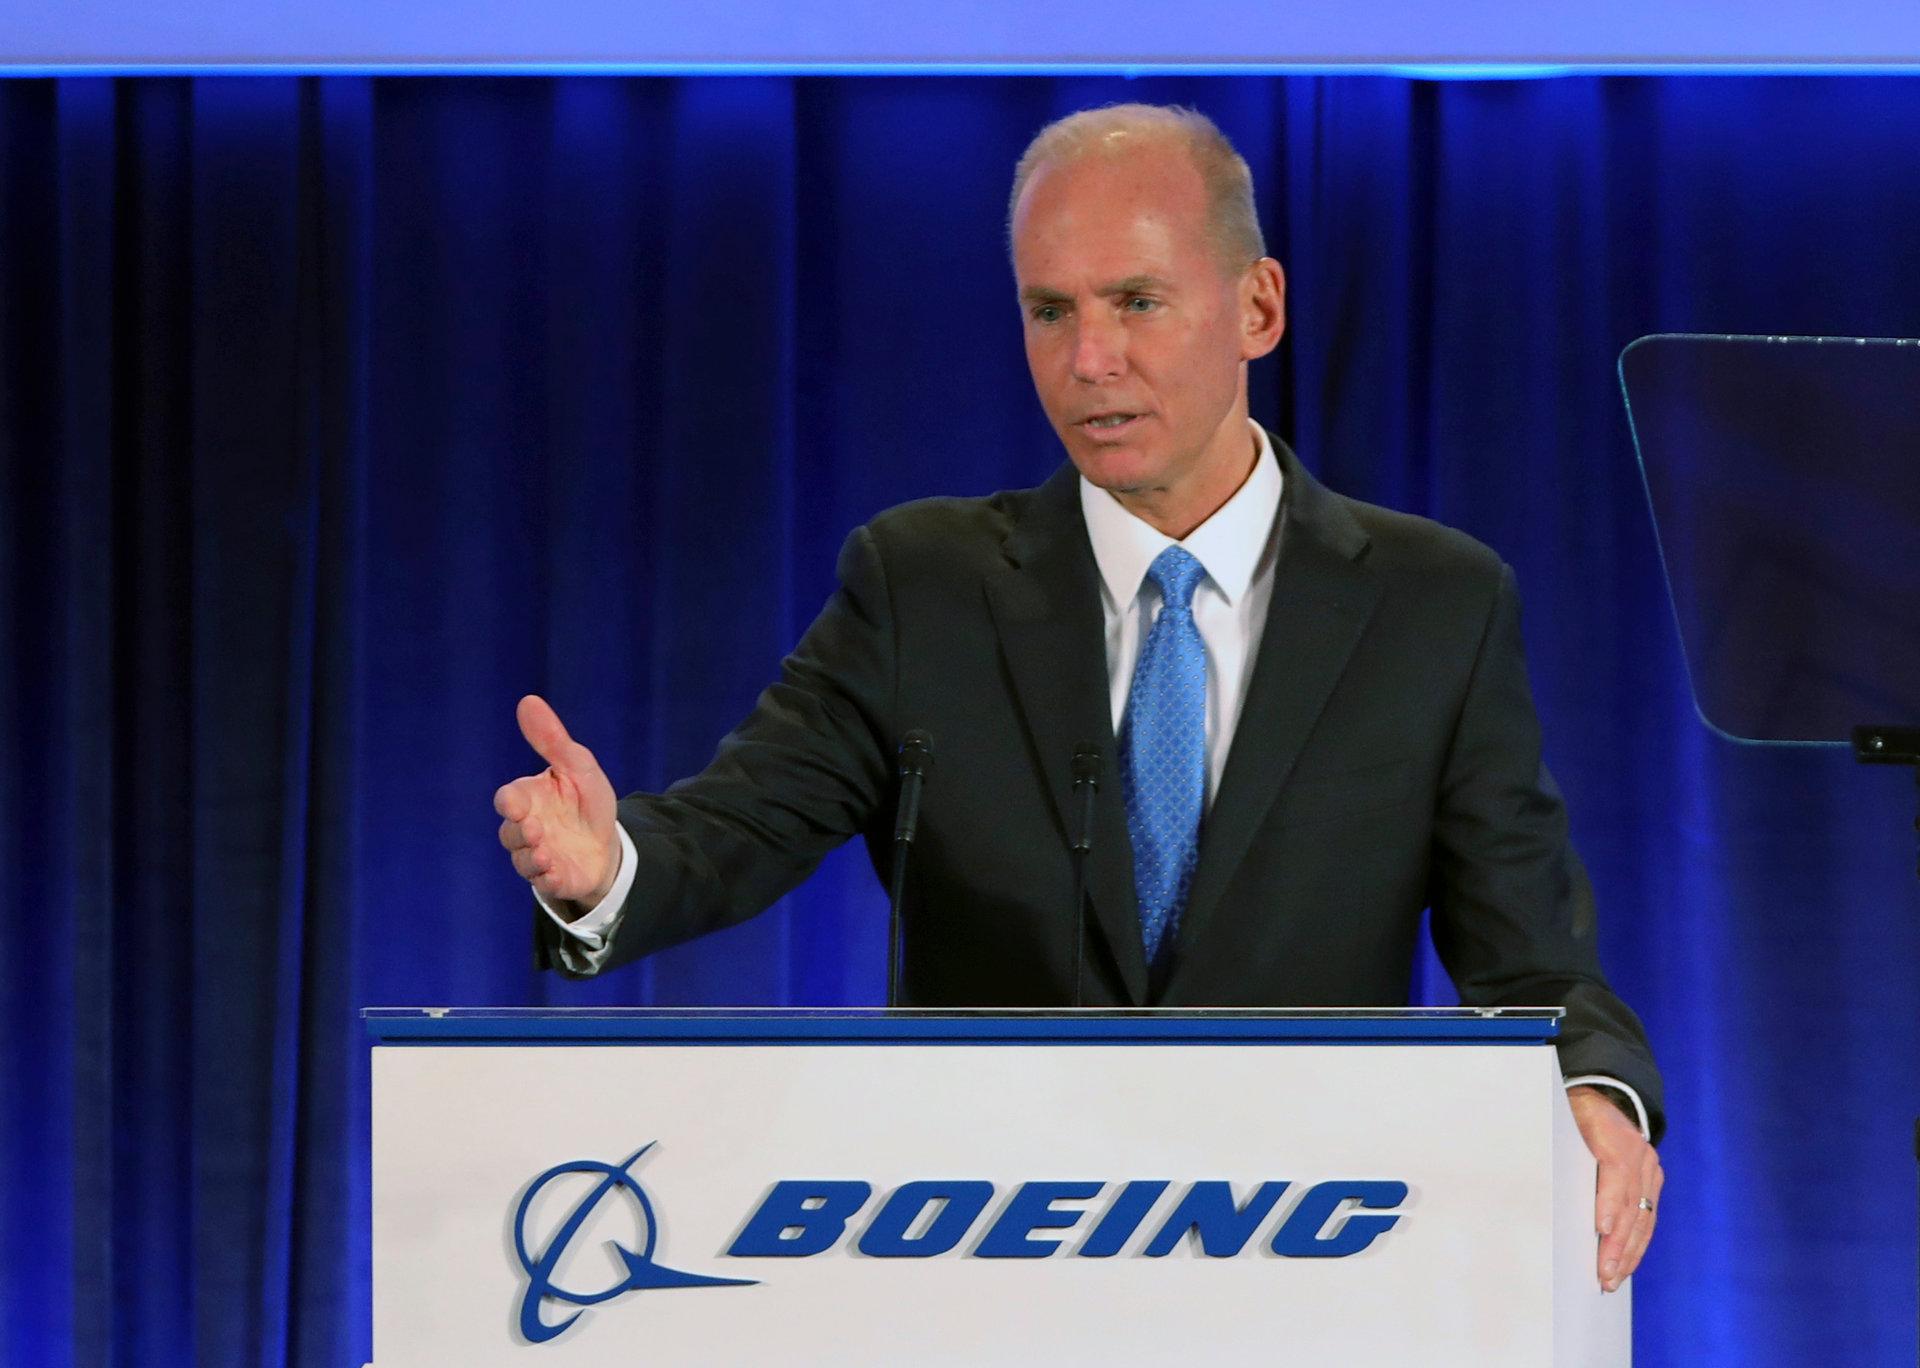 رئيس بوينج التنفيذي : سأكون على متن اول رحلة للطائرة 737 عند عودتها للعمل